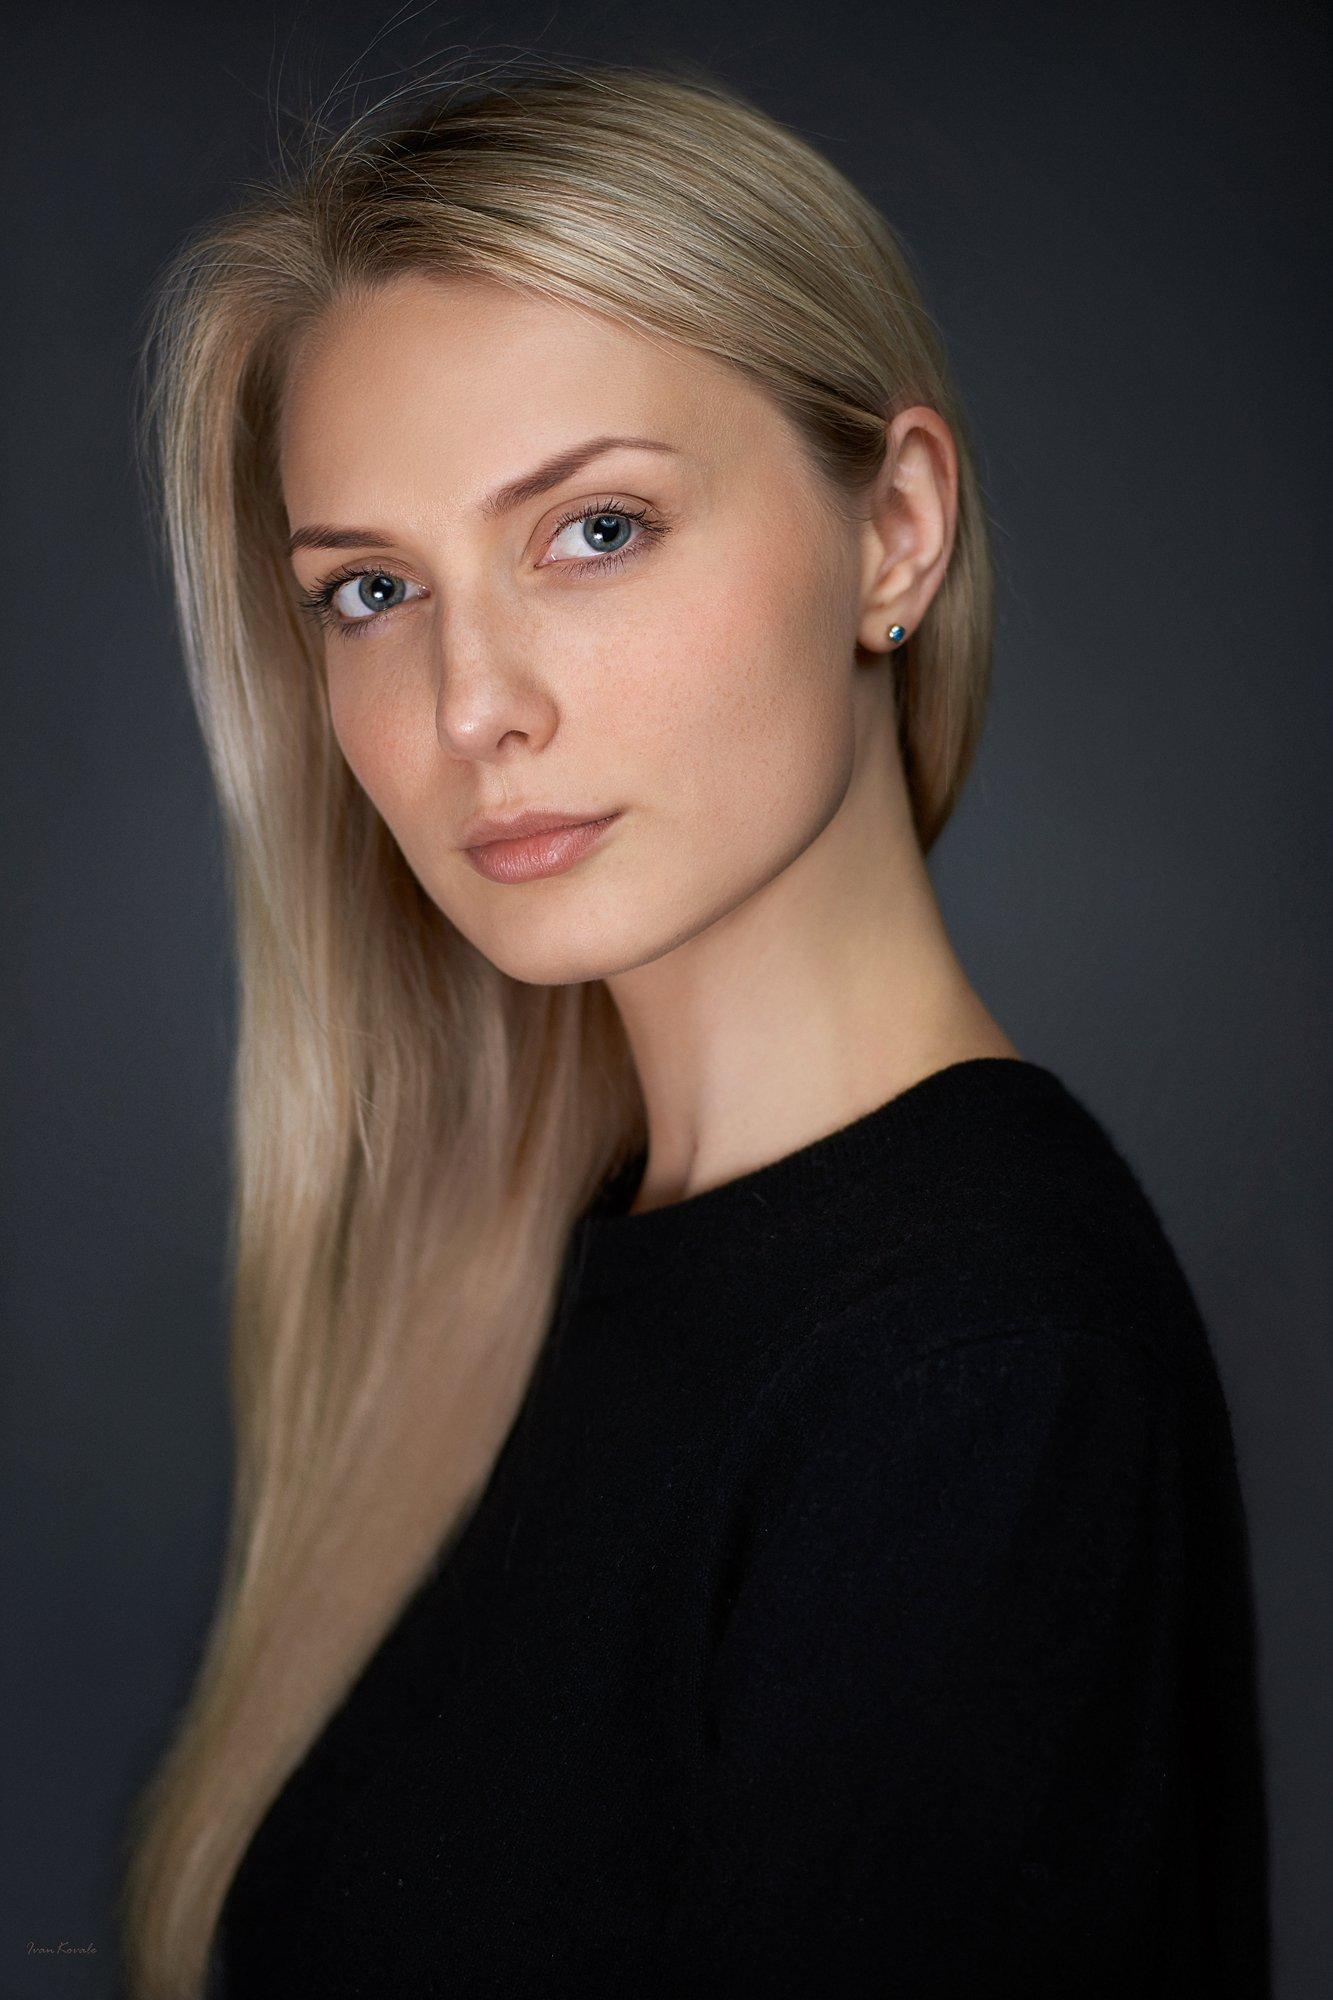 портрет, девушка, блондинка, русая, веснушки, молодая, красота, глаза, взгляд, лицо, волосы, Ковалёв Иван